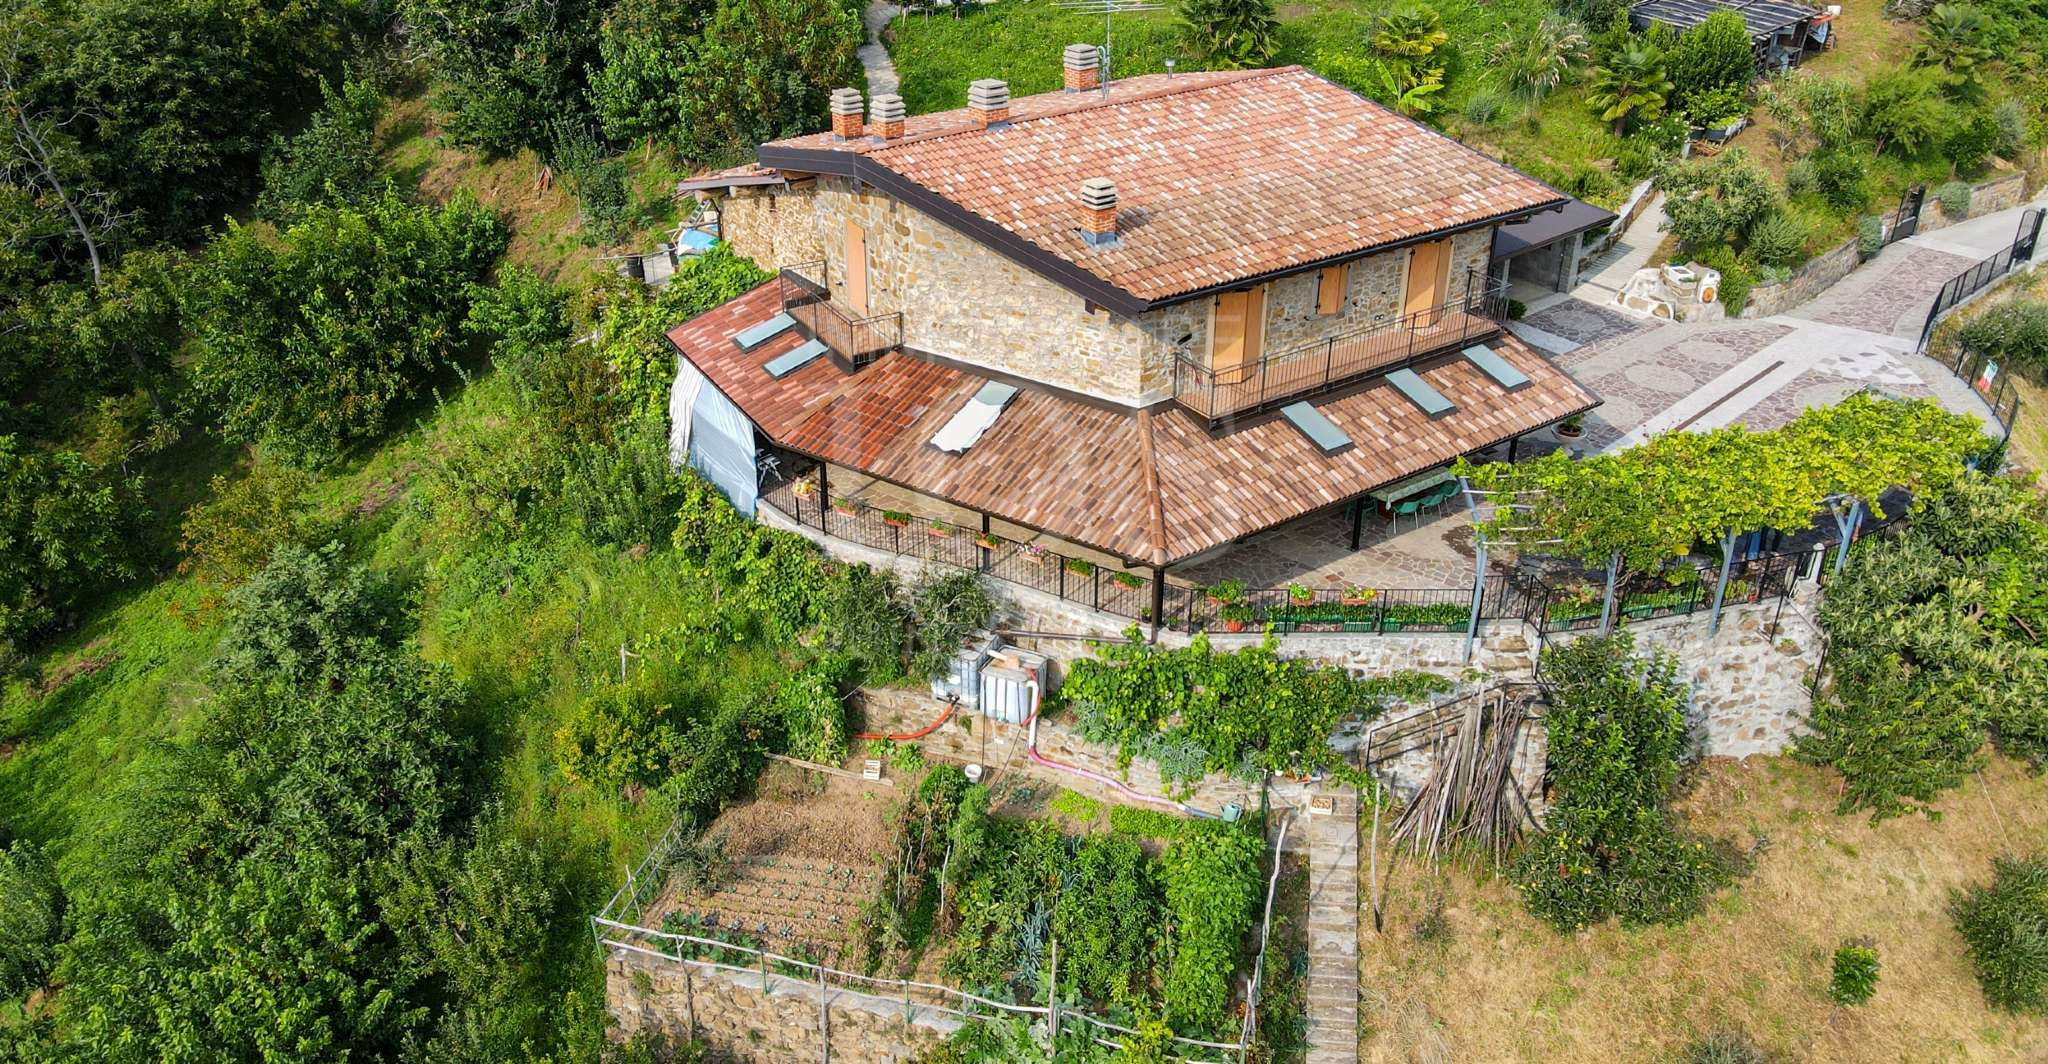 Soluzione Indipendente in vendita a Foresto Sparso, 6 locali, prezzo € 470.000 | PortaleAgenzieImmobiliari.it